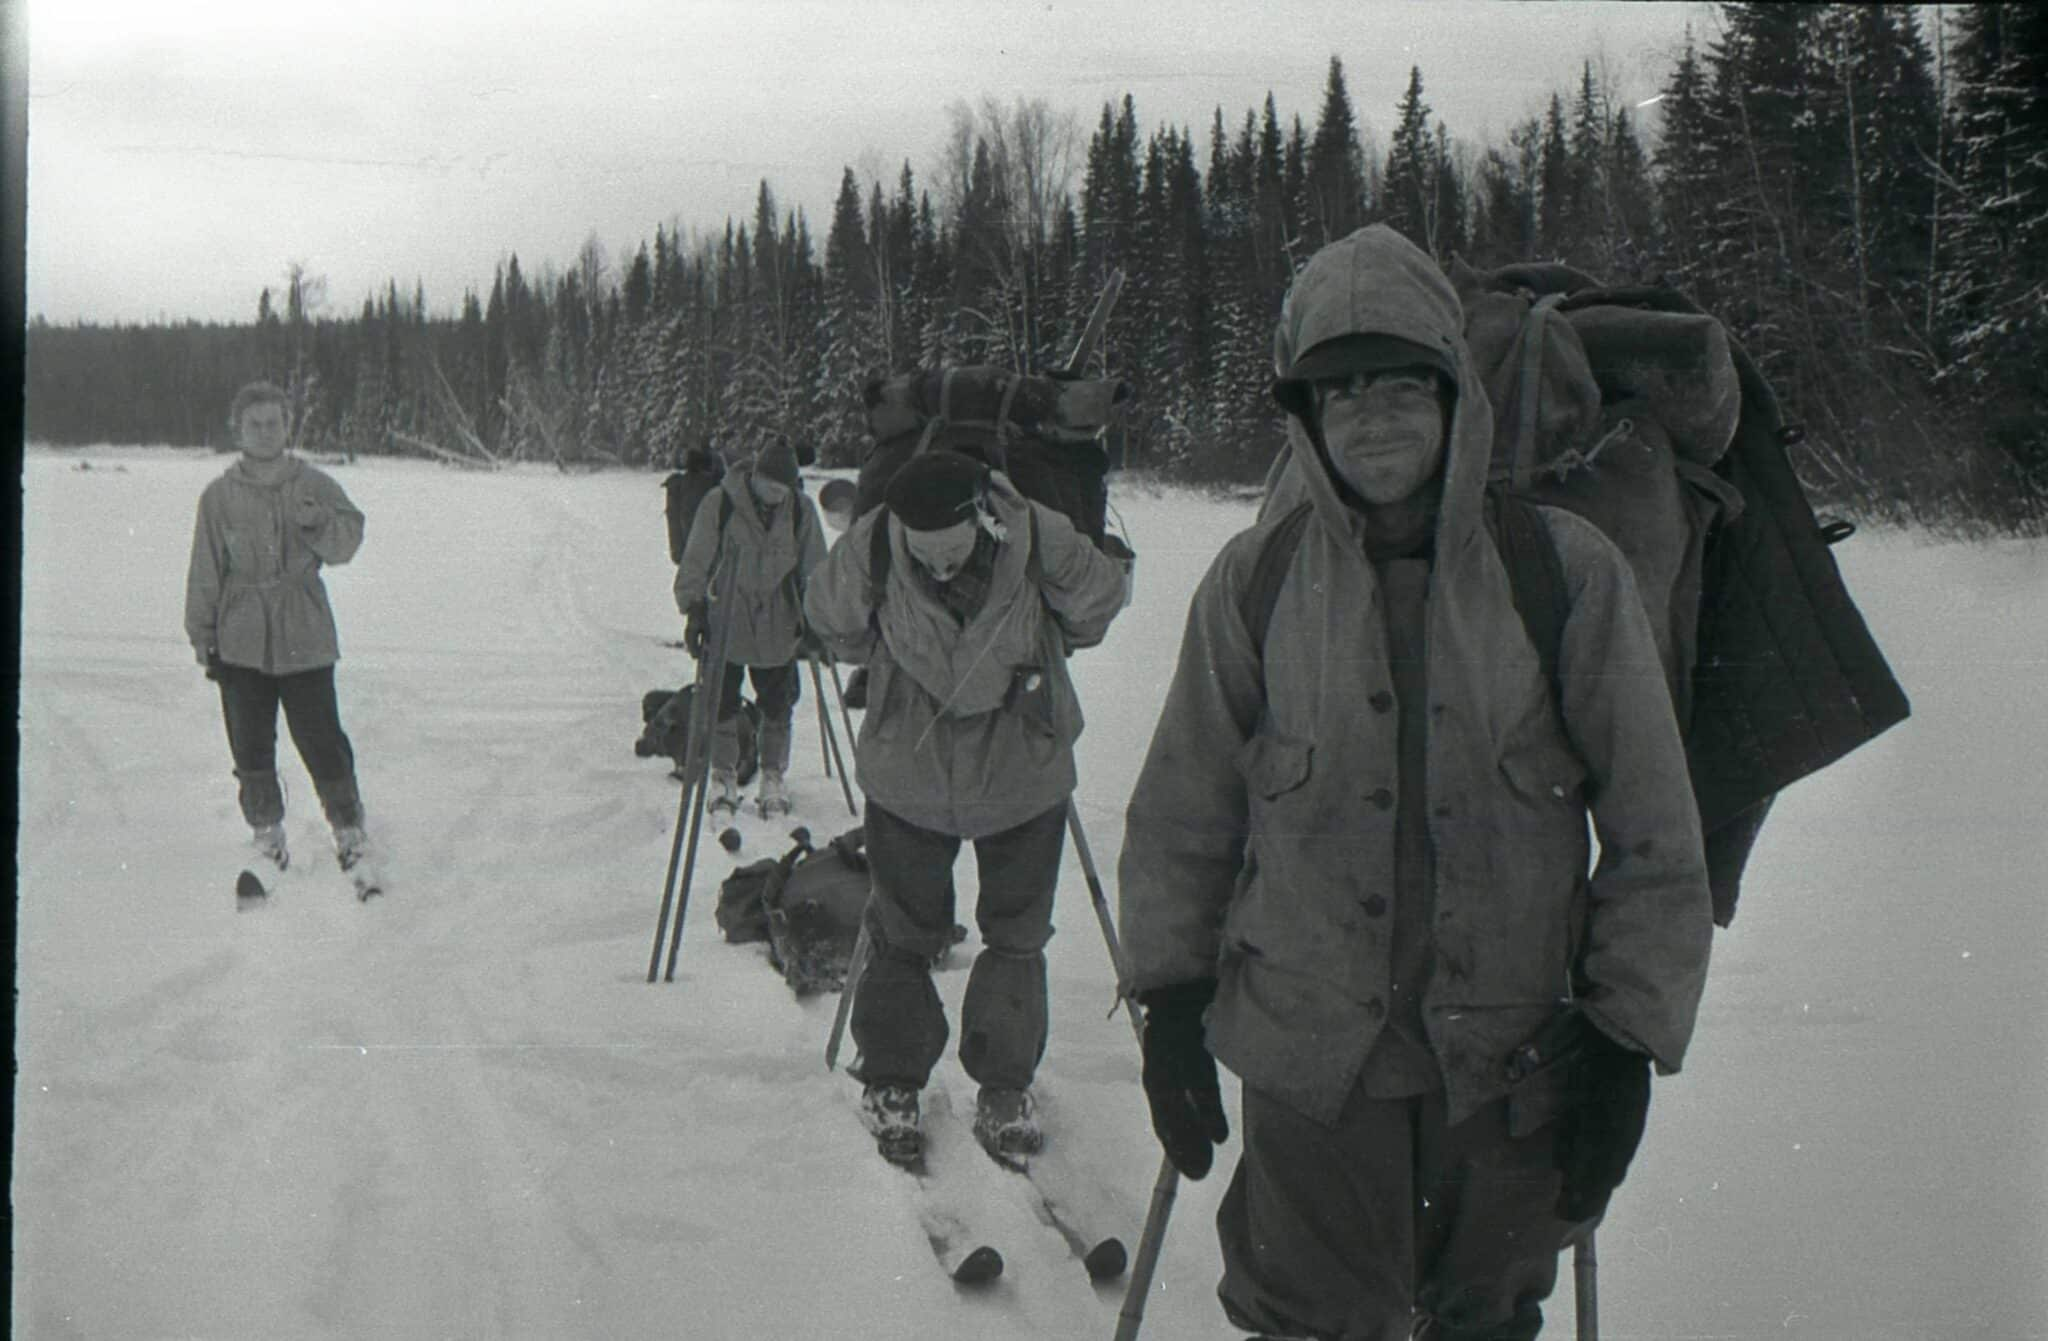 В гибели группы Дятлова появились новые подробности: какая погода на самом деле была в момент гибели группы Дятлова